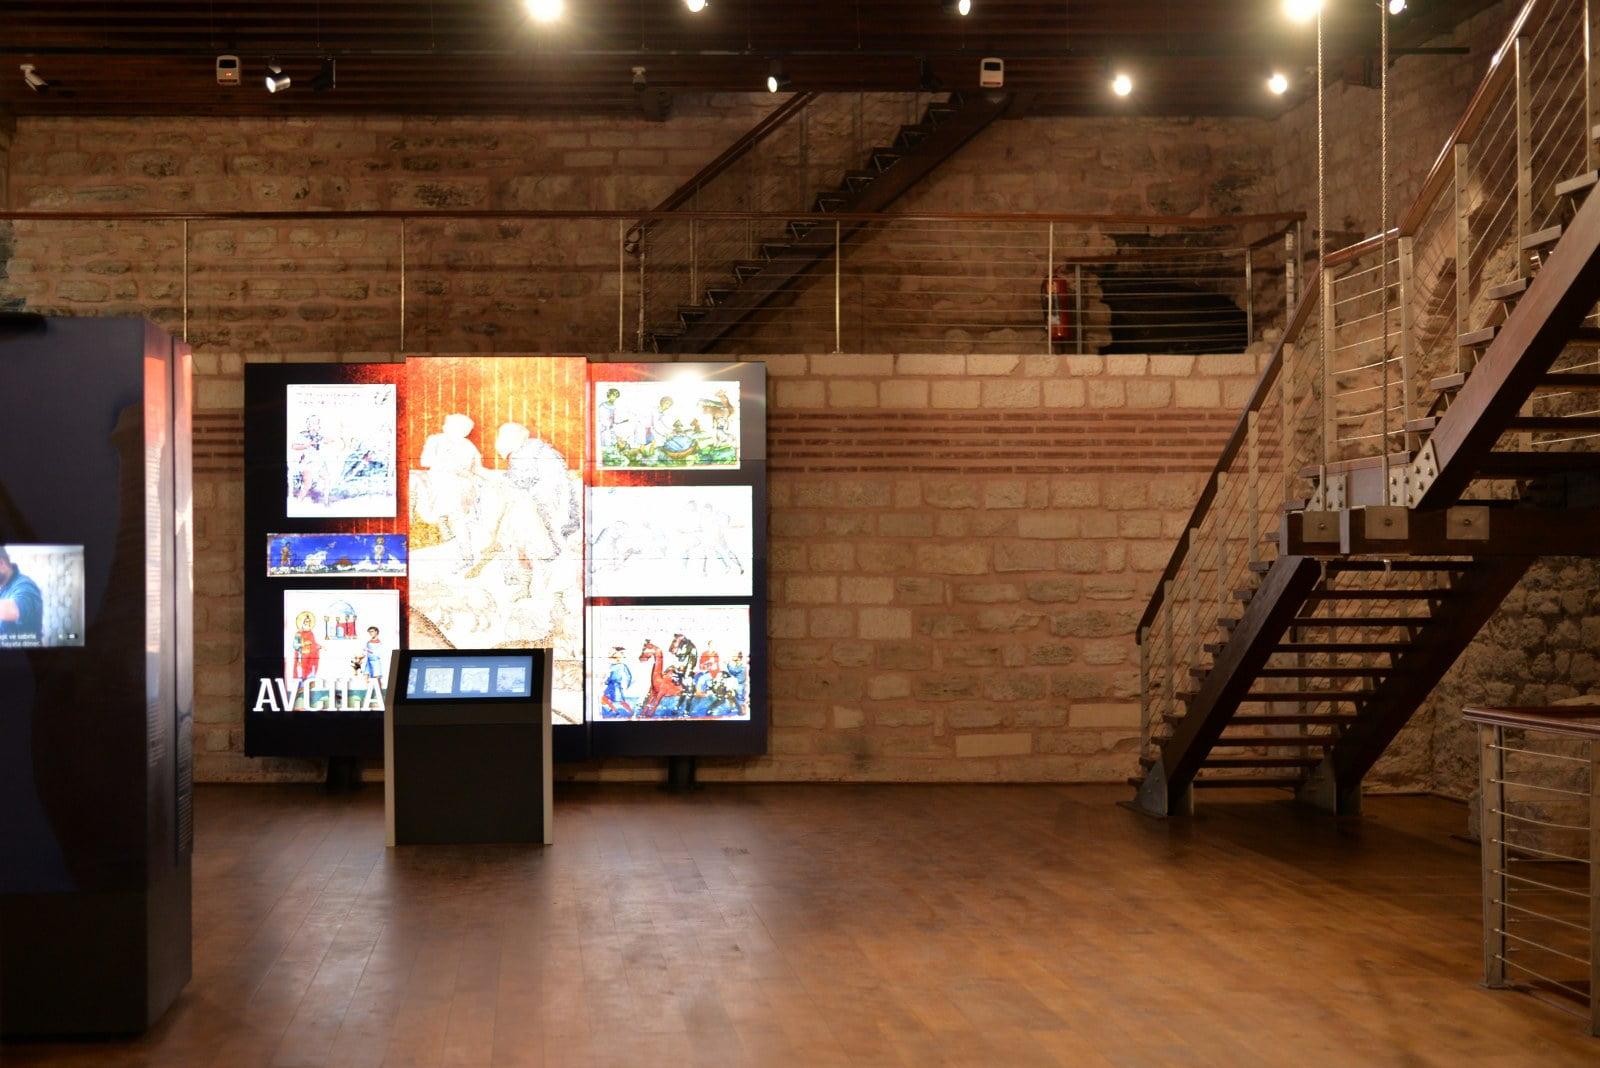 Tekfur Sarayı Müzesi (Nerede? Giriş Ücreti ve Ziyaret Saatleri)